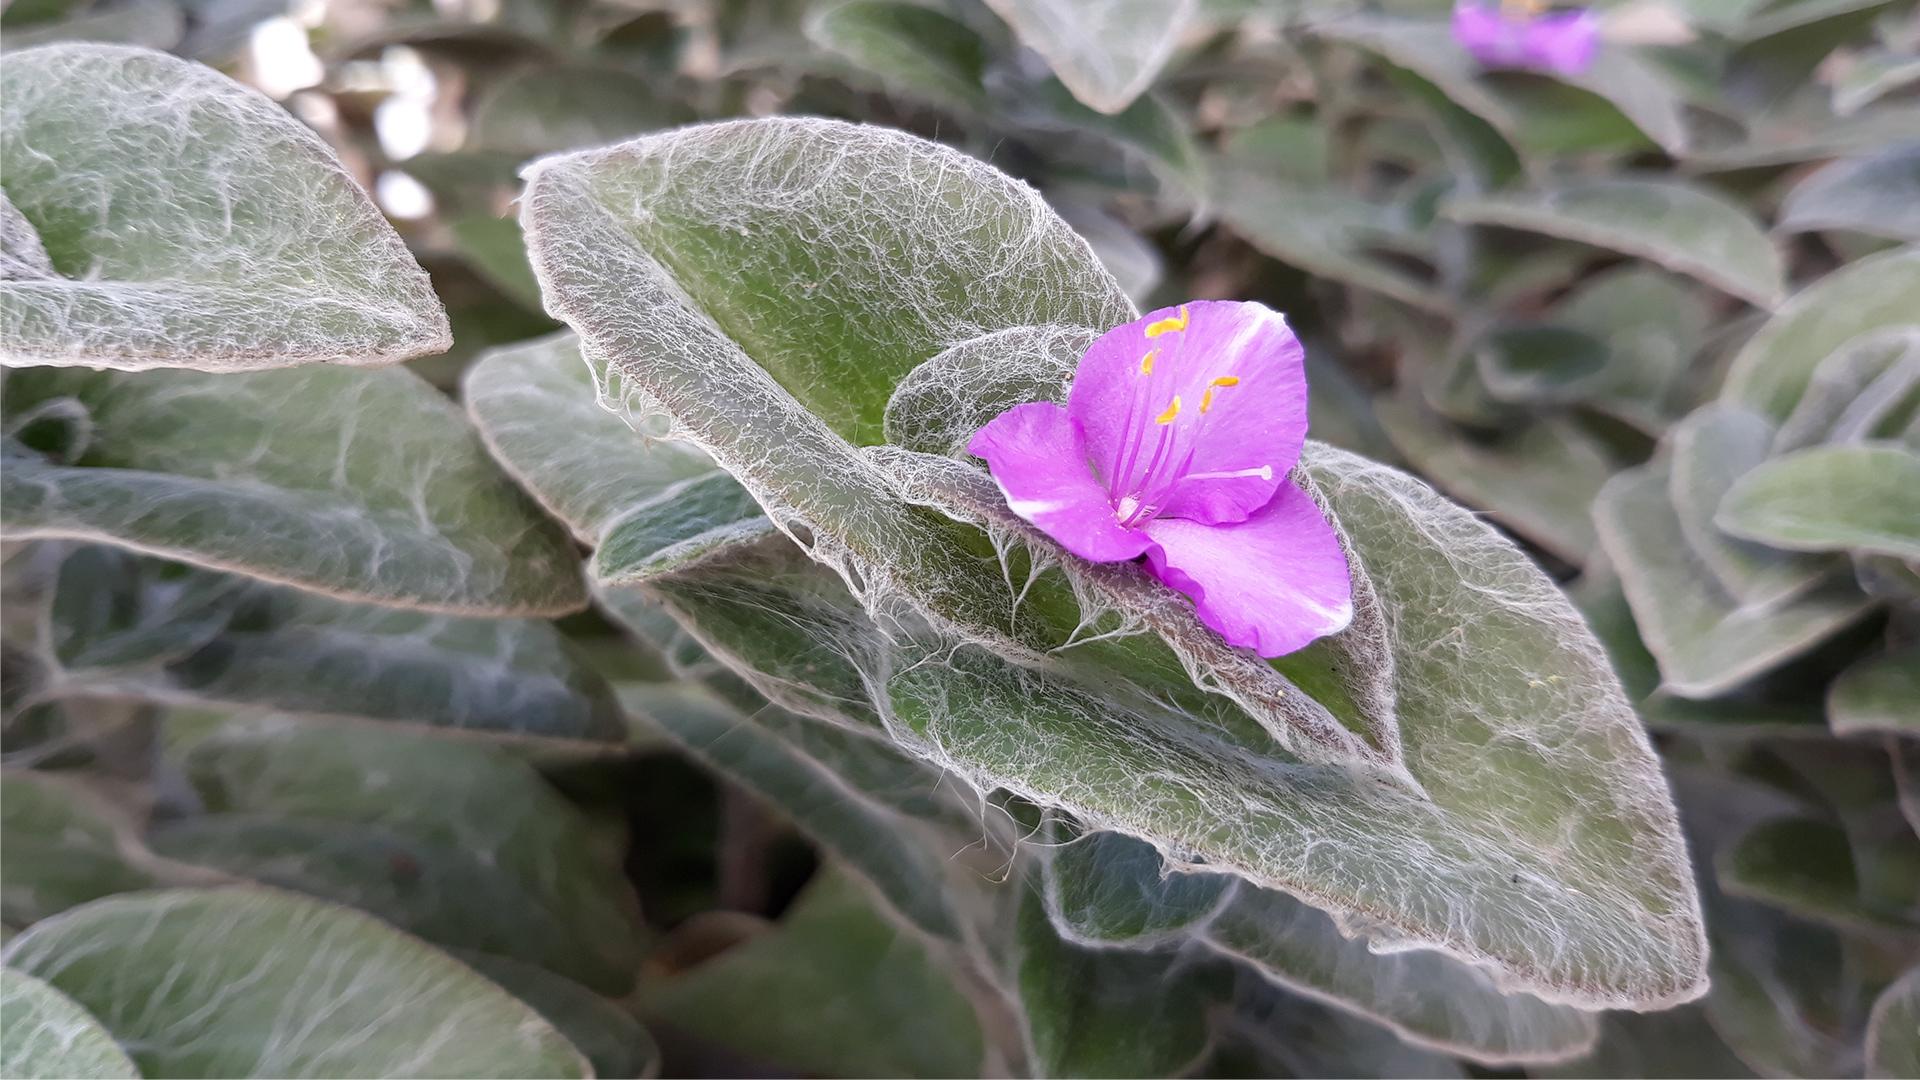 Fairy tale flower